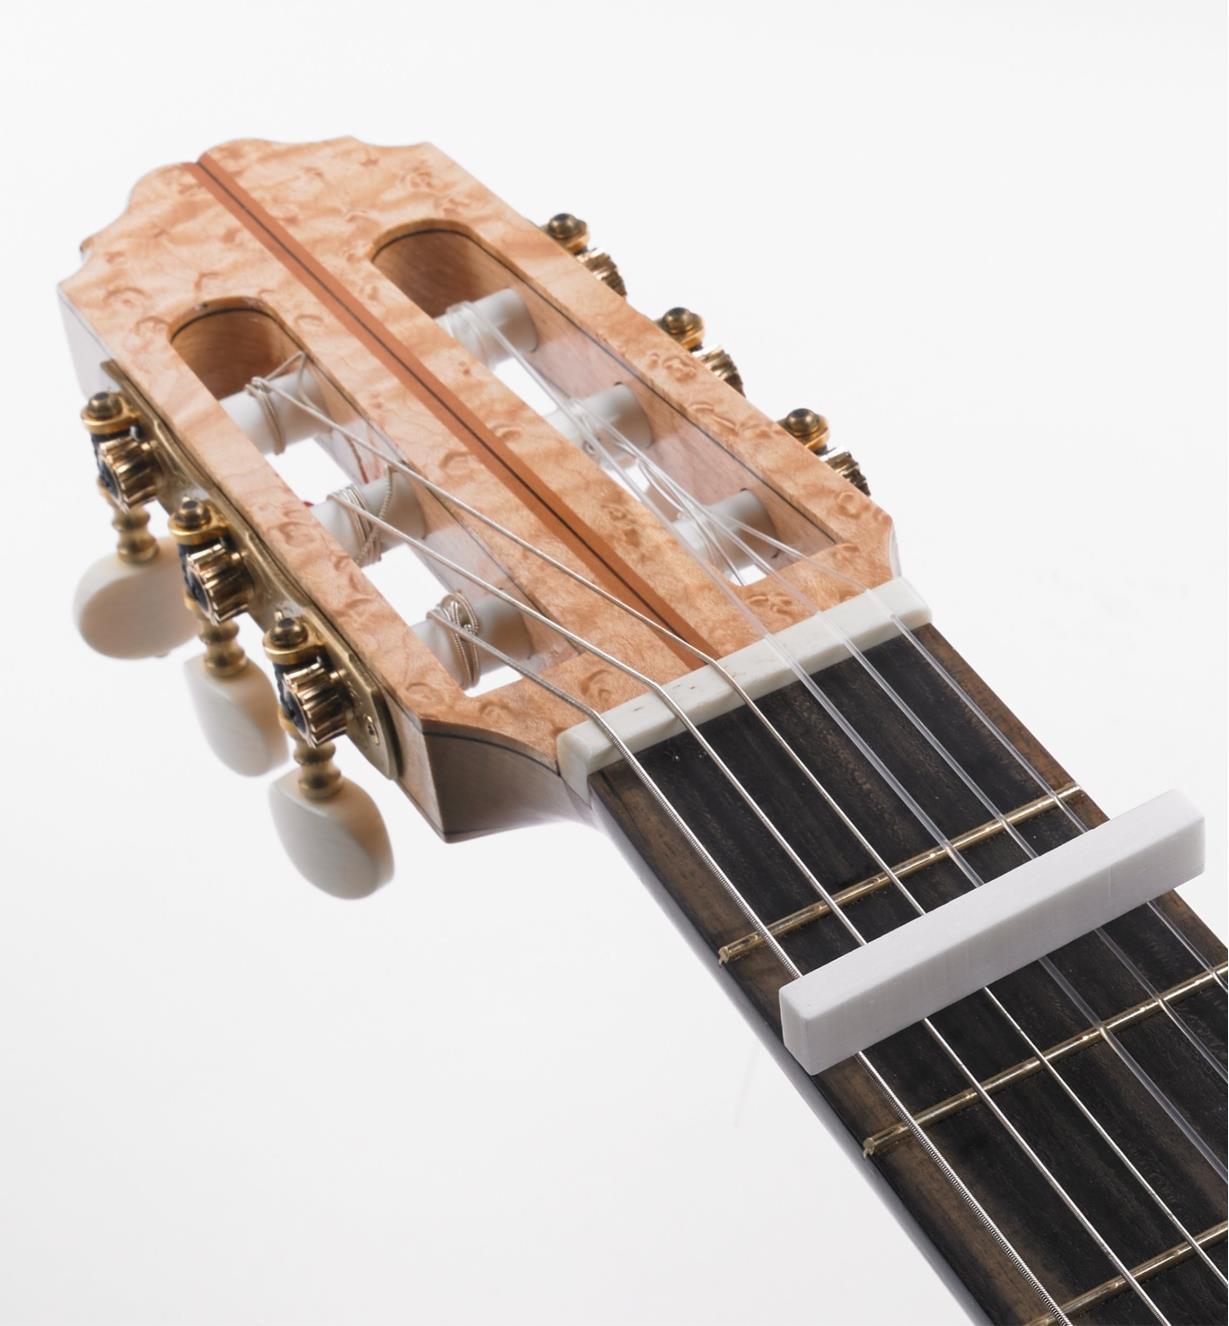 60J0270 - Ébauche pour sillet de tête, guitare classique, 54mm x 6,5mm x 11mm